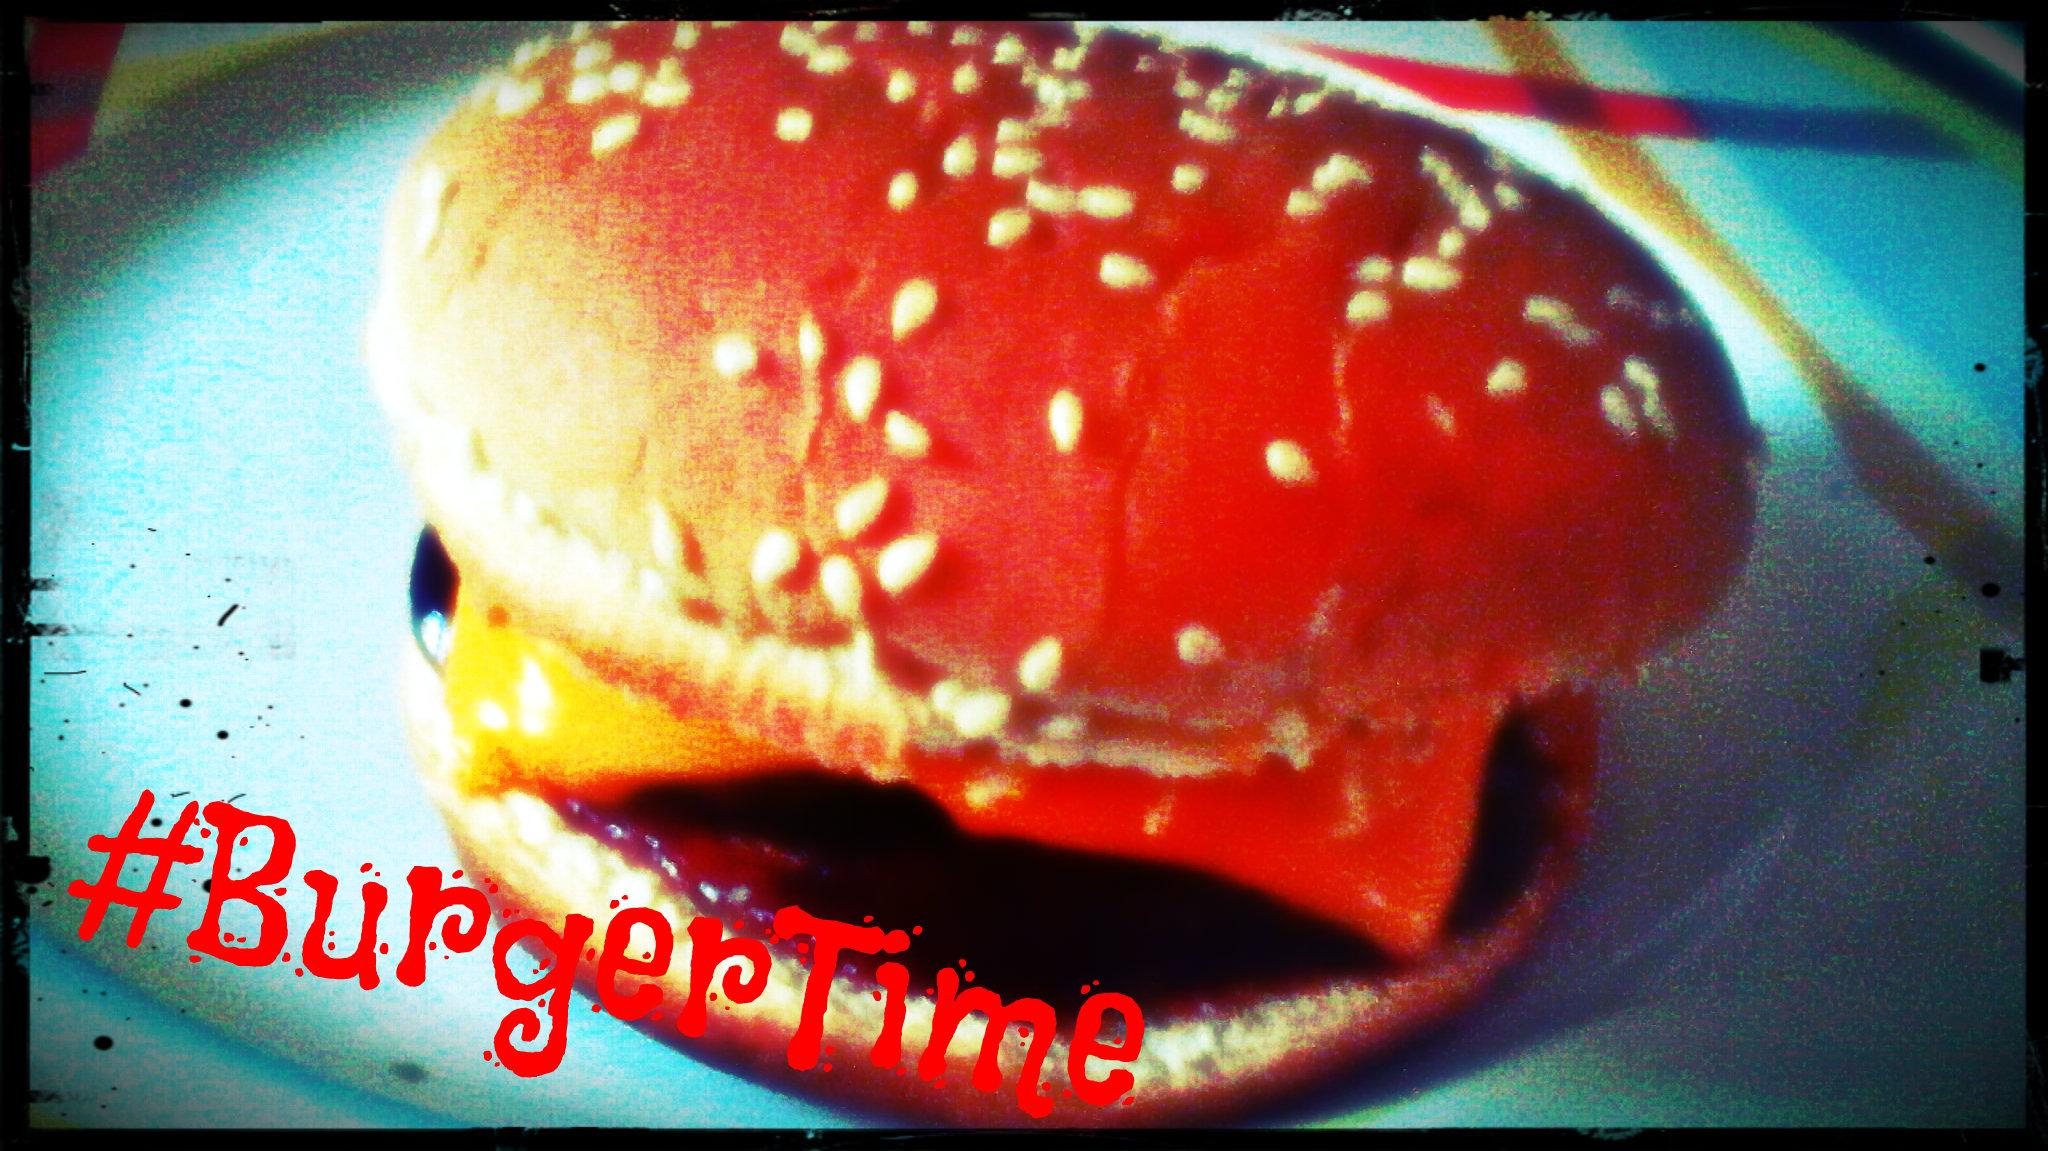 Selbstgemachter Cheeseburger auf Teller, mit dem Hashtag BurgerTime